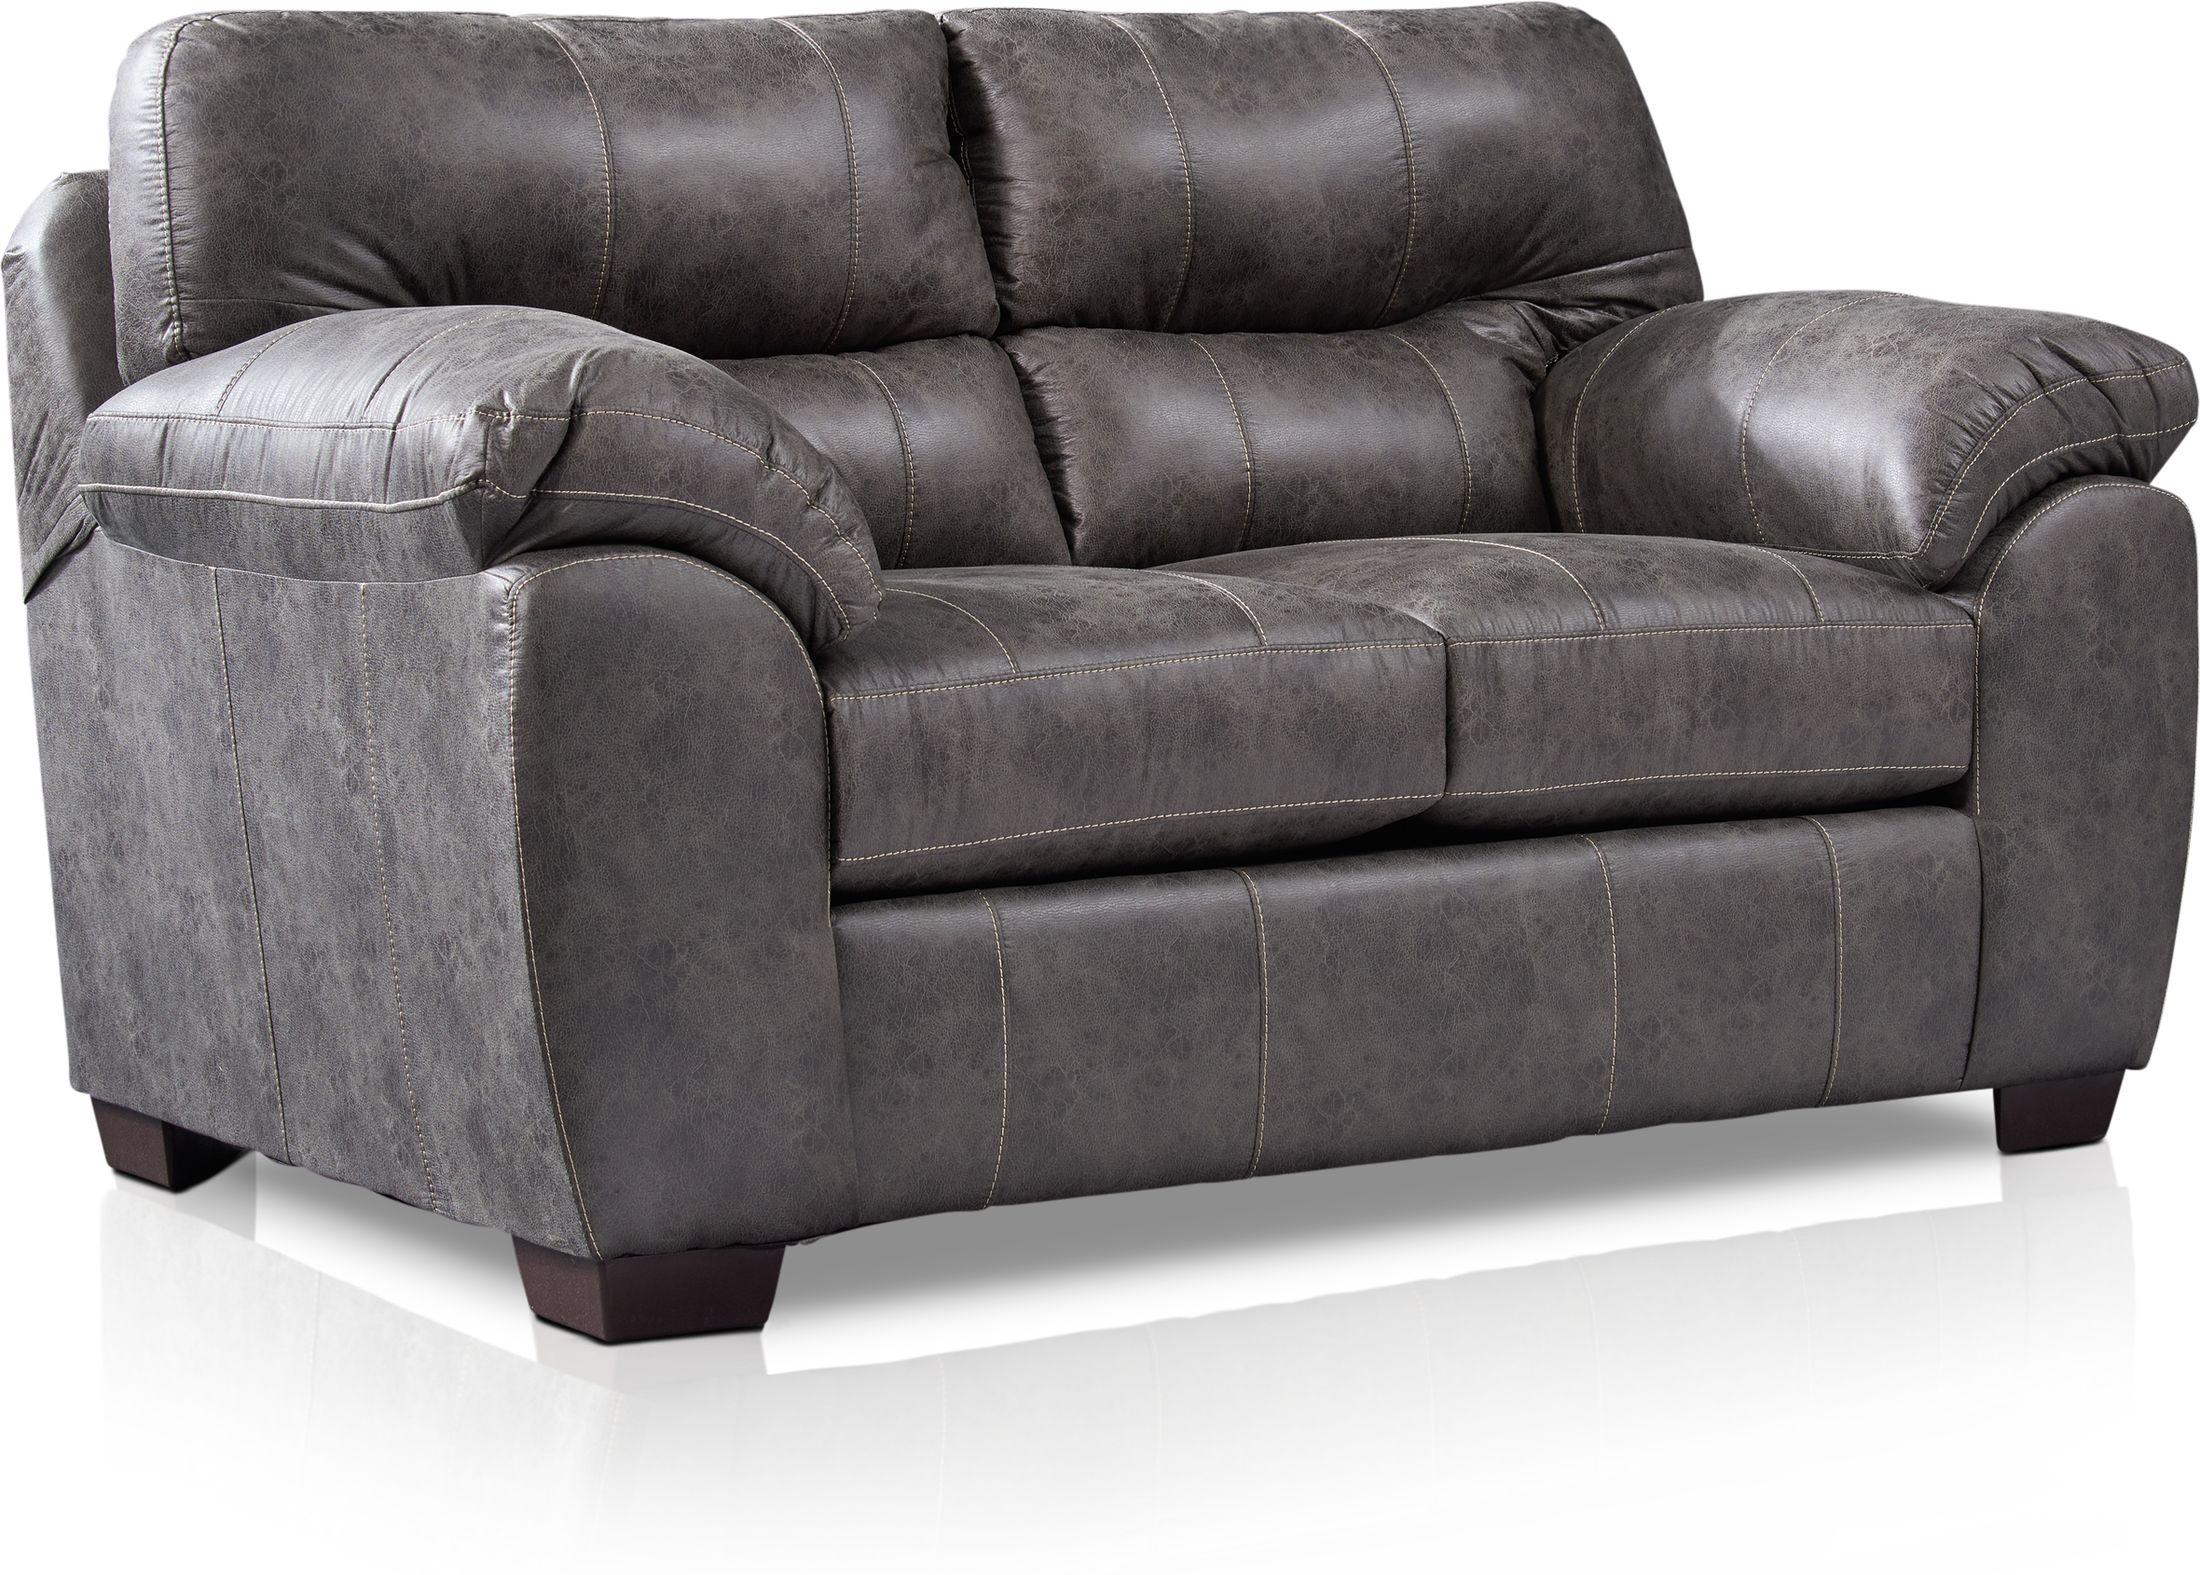 Living Room Furniture - Bennett Loveseat